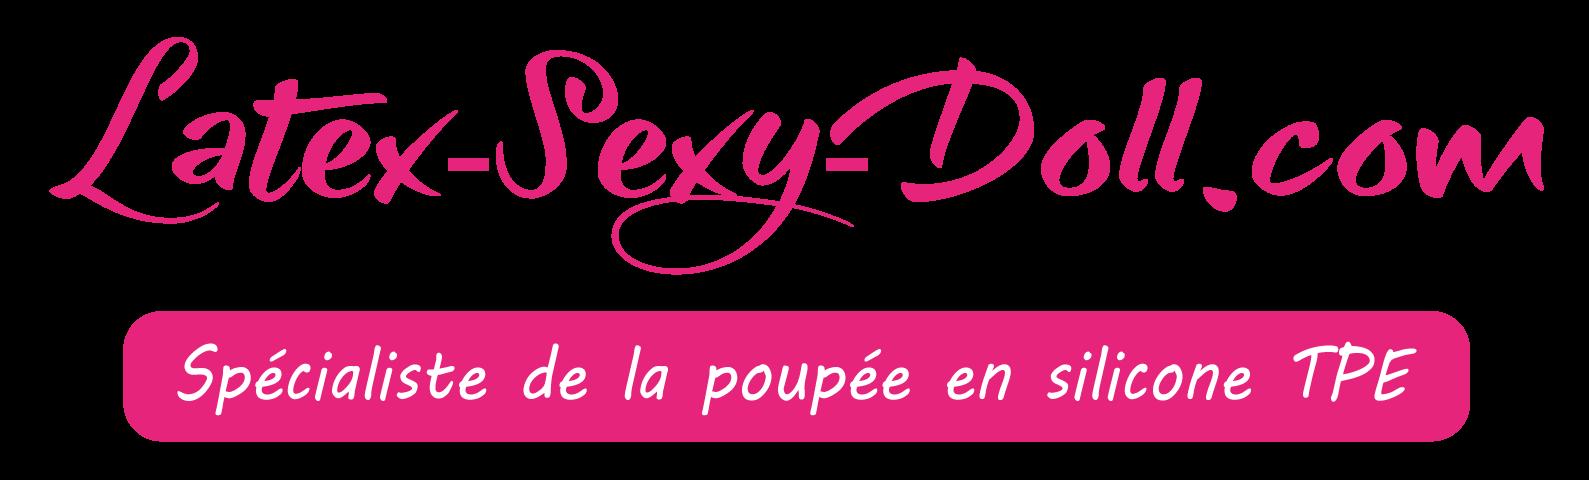 sexy-doll-logo-1505466691